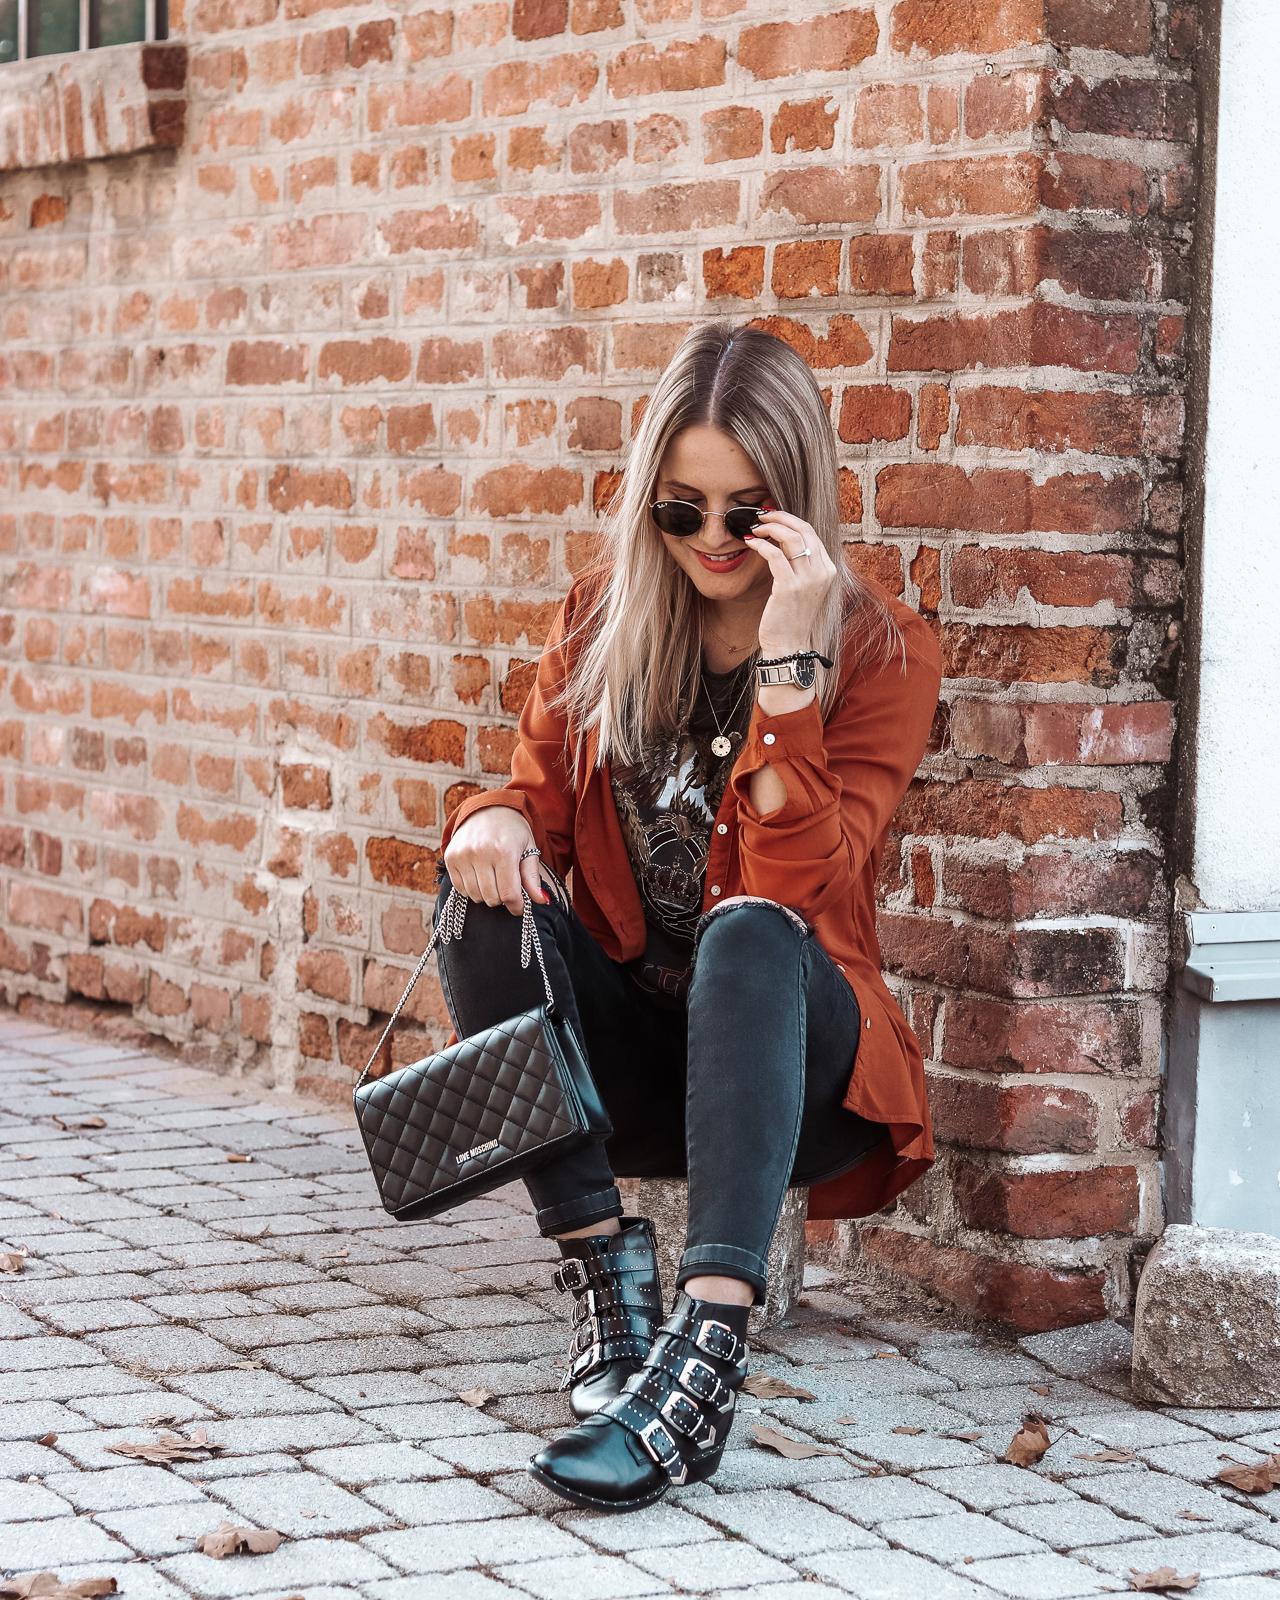 Was ziehe ich morgen an - 10 Outfit Ideen für den Herbst - Herbstlooks - Herstmode - Herbst Kleidung - Was ziehe ich im Herbst an - Mode für den Herbst . Herbst Outfit - Was soll ich anziehen - was im Herbst anziehen - Fashionladyloves by Tamara Wagner